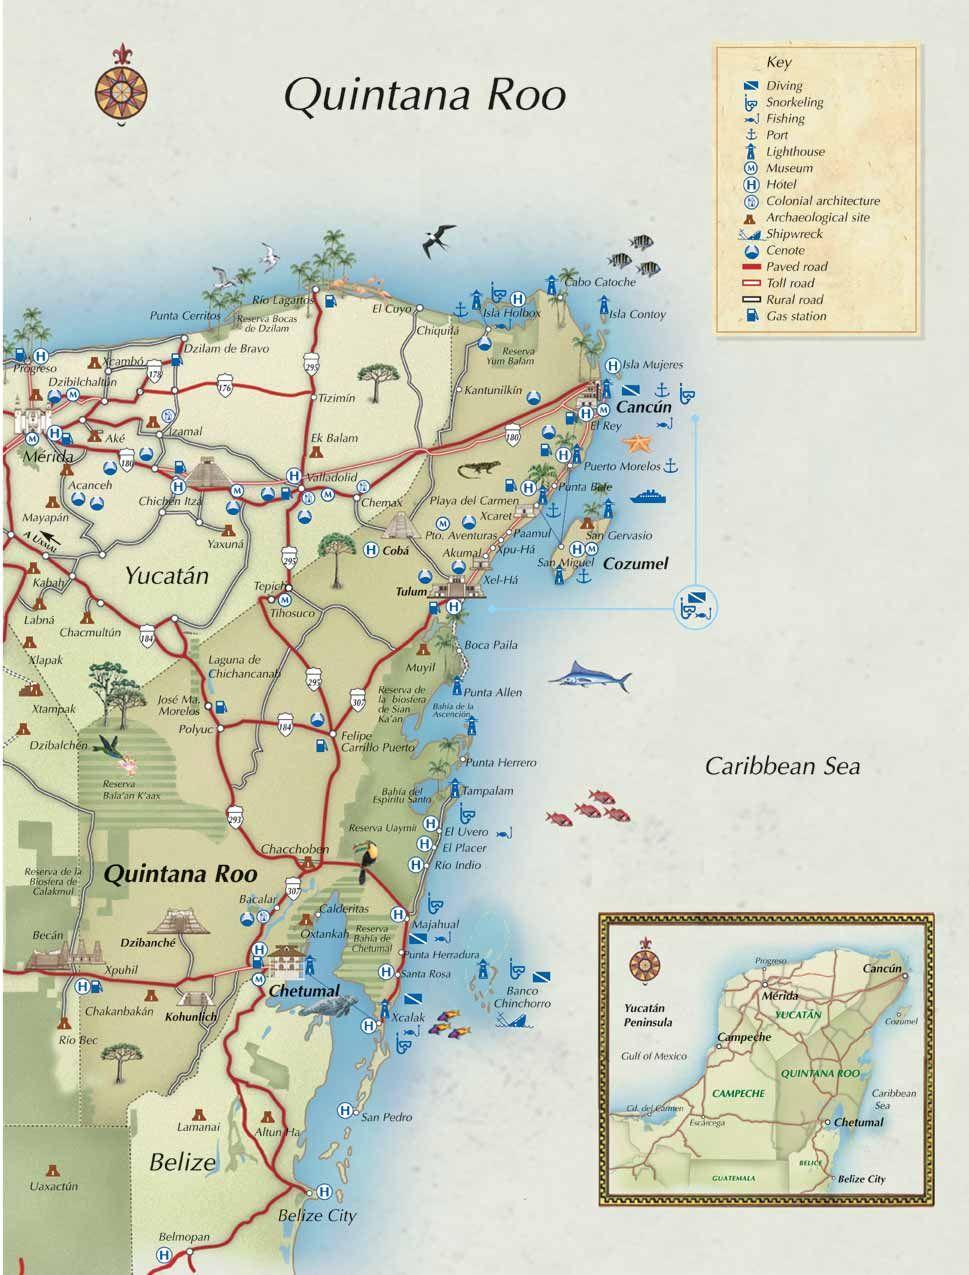 Cancun Quintana Roo Mexico Map.Mapa Turistico Completo De Quintana Roo Y Este De Yucatan